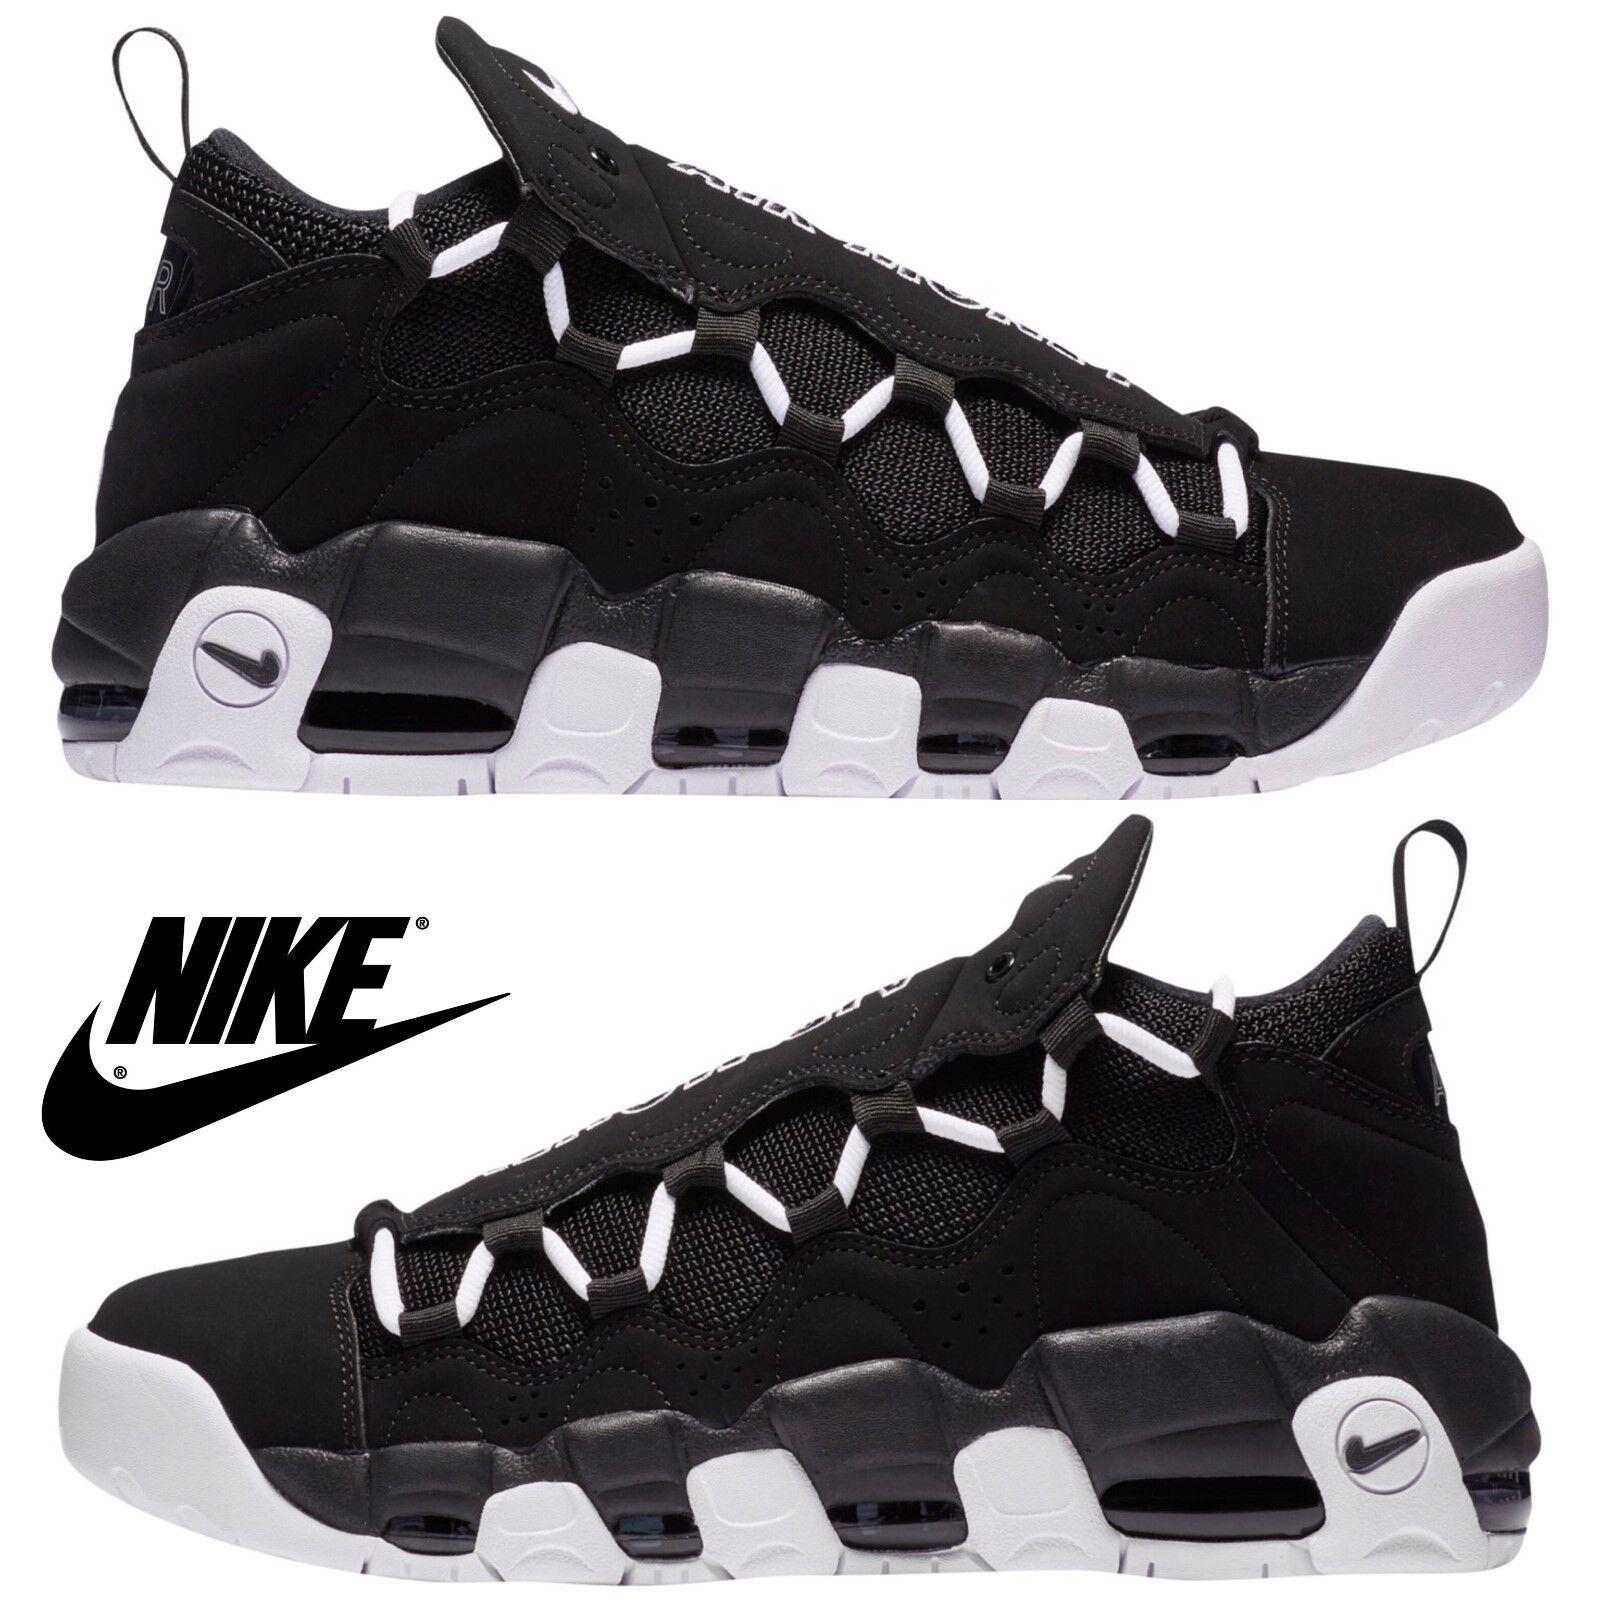 """f71b6c25a12 Nike Nike Nike más dinero para hombre Zapatillas Air Entrenamiento Correr  Gimnasio Zapatos Deportivos Informales Nuevo. """"Nike Jordan ..."""